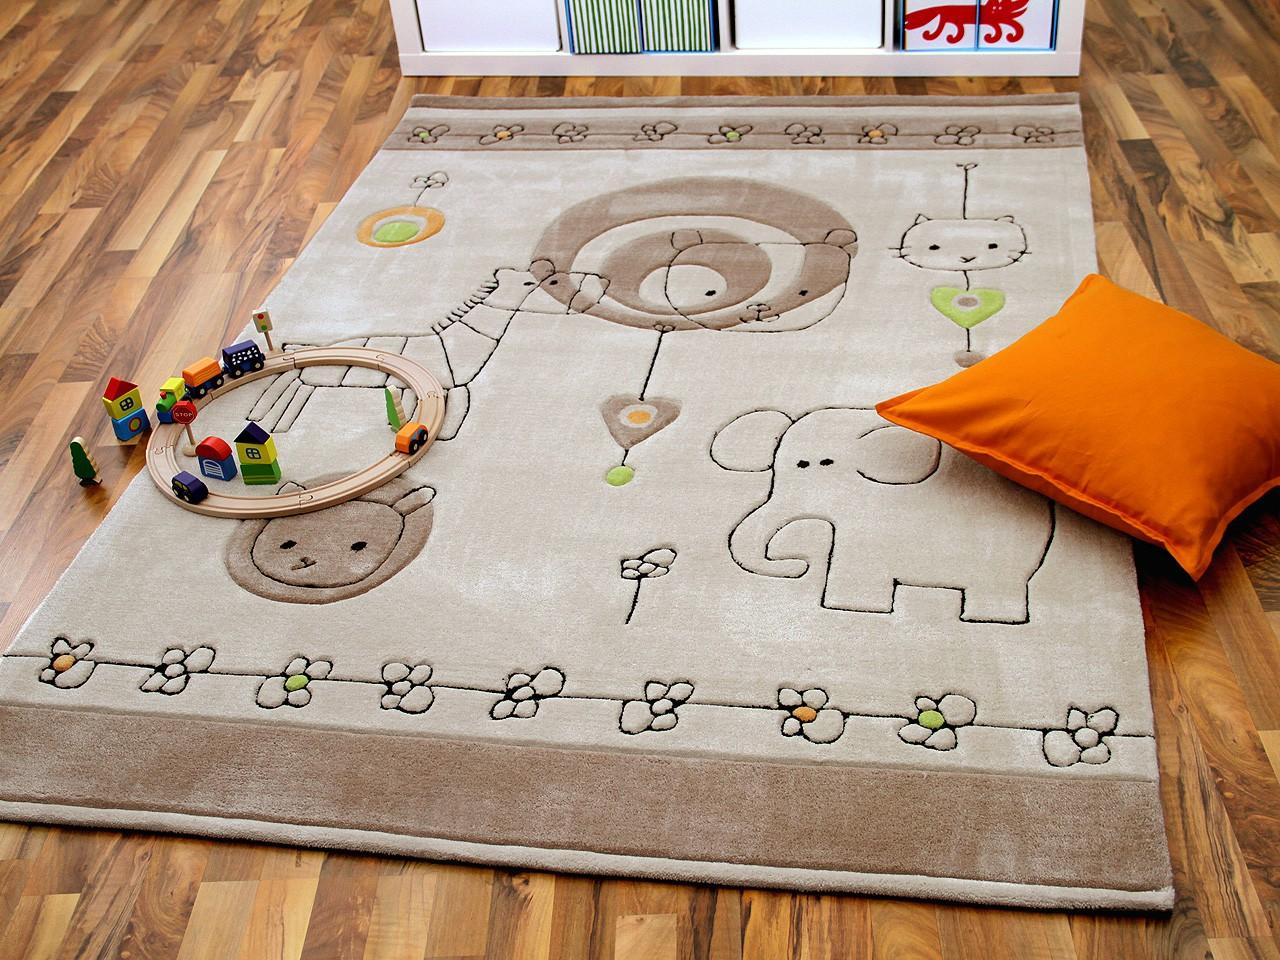 Delightful Schnes Zuhausekinder Teppich Beige Gelb Kinderteppiche 26 Kinder,  Wohnzimmer Design Amazing Design